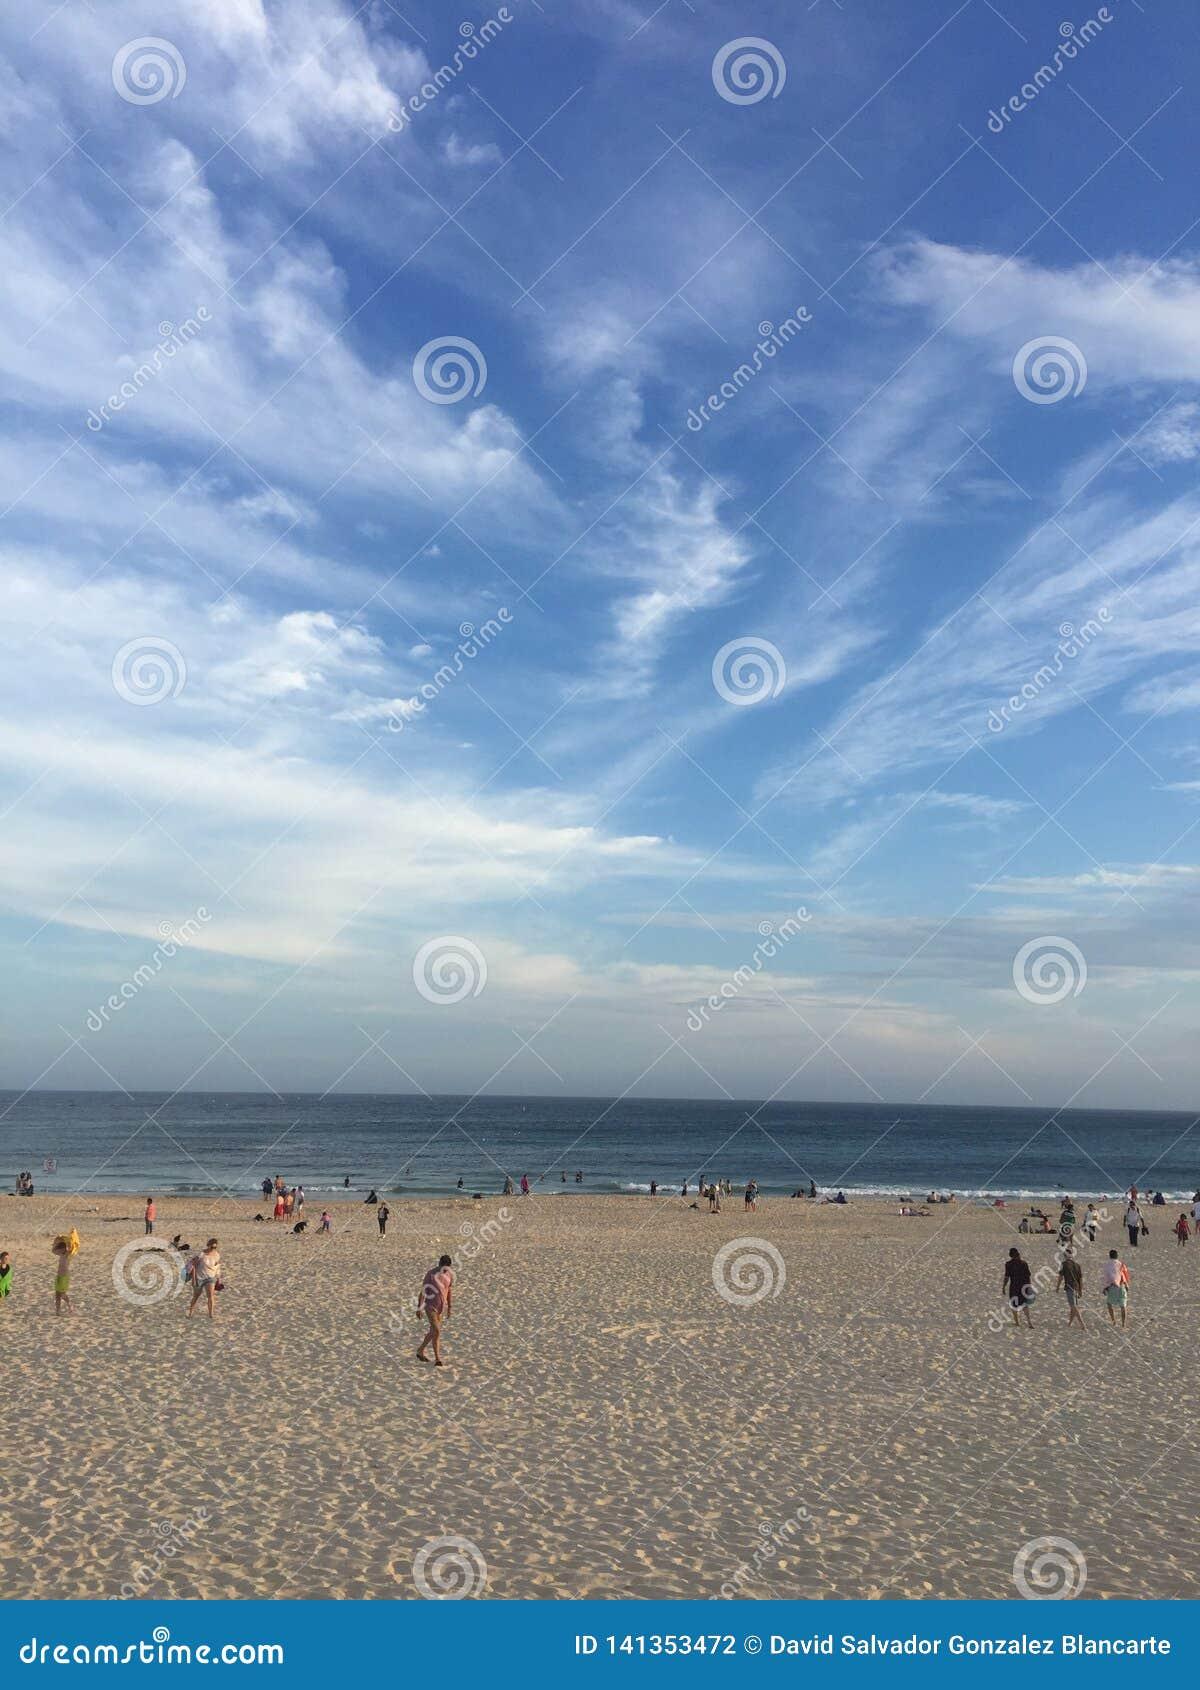 CIELO DE BONDI, MAR DE BONDI, COSTA DE BONDI Playa de Bondi